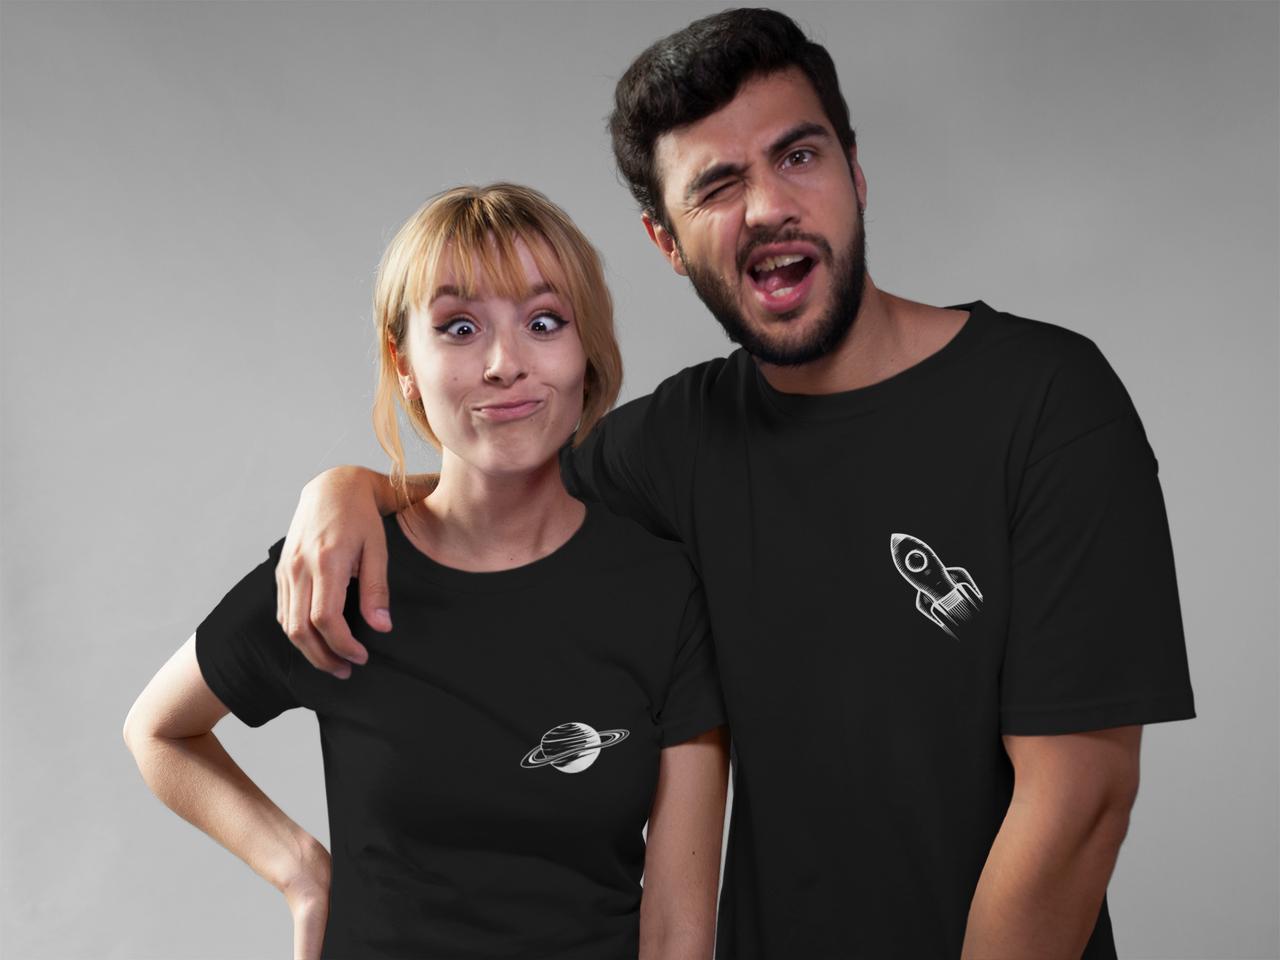 """Парні футболки для закоханих """"Ракета / Планета"""""""